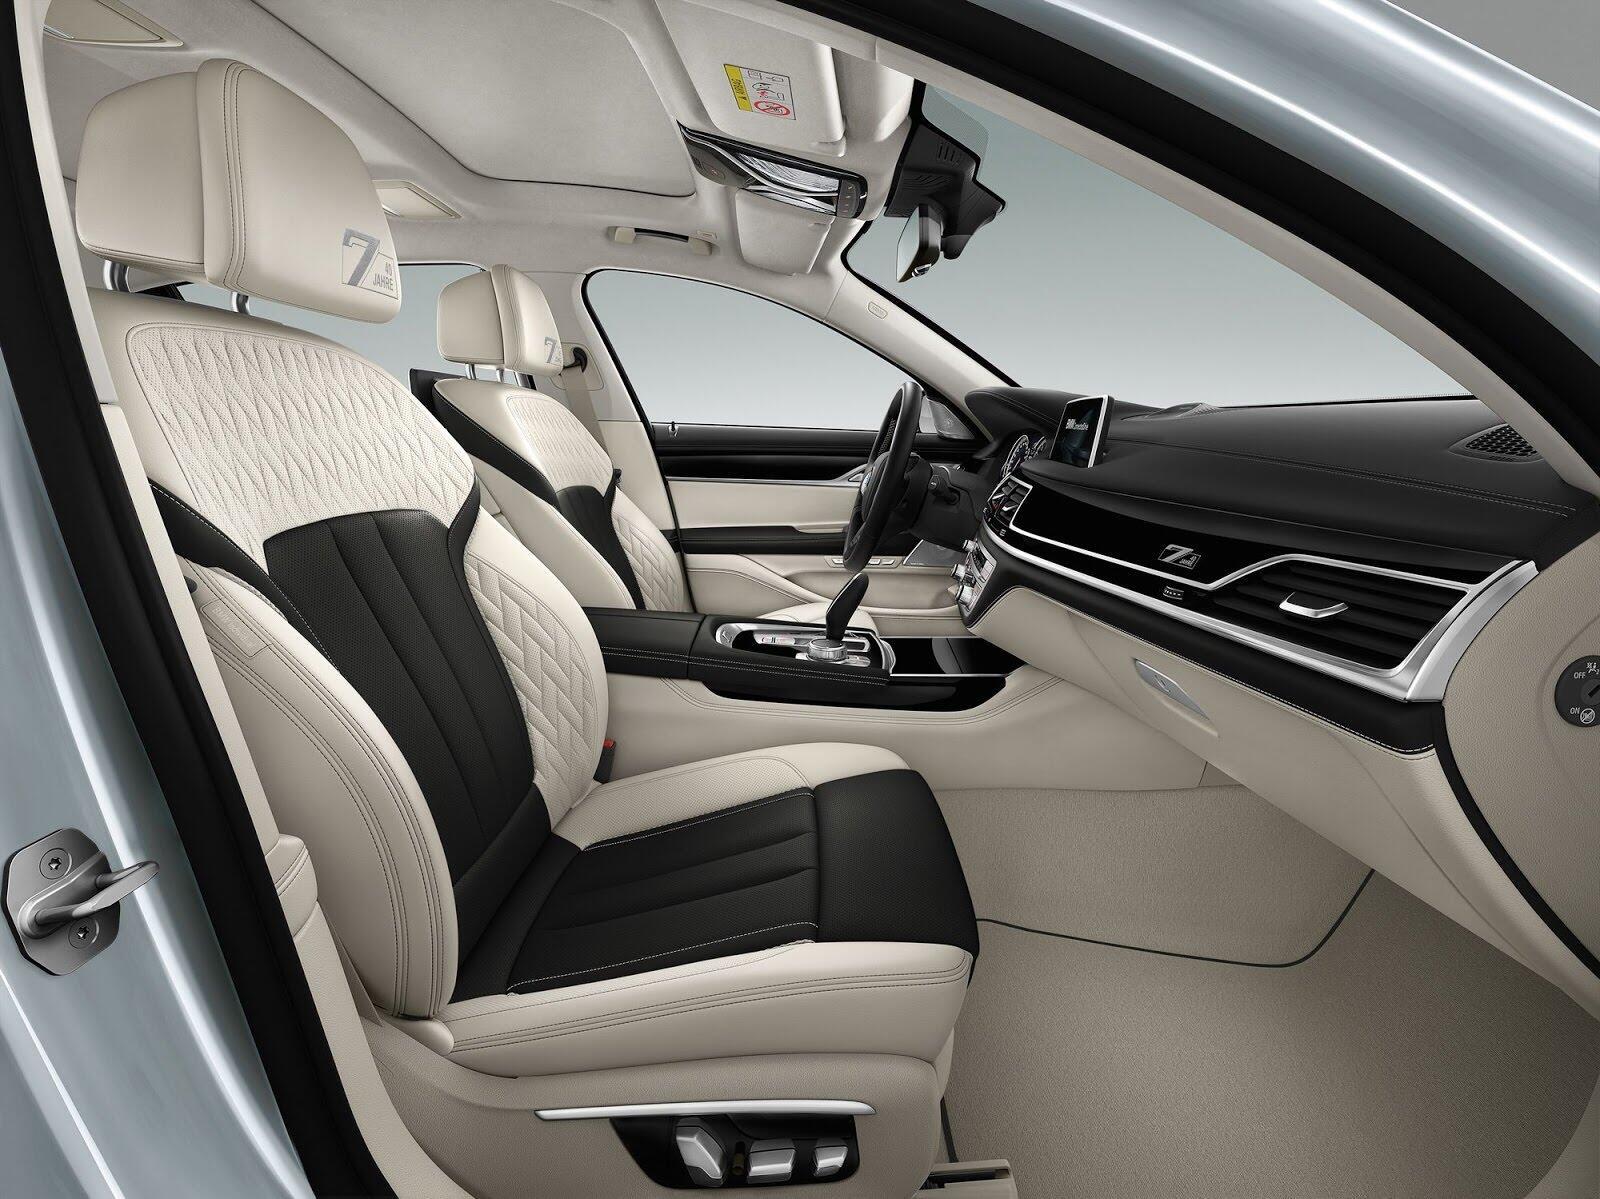 BMW 7-Series ra mắt phiên bản kỷ niệm chỉ 200 chiếc - Hình 8